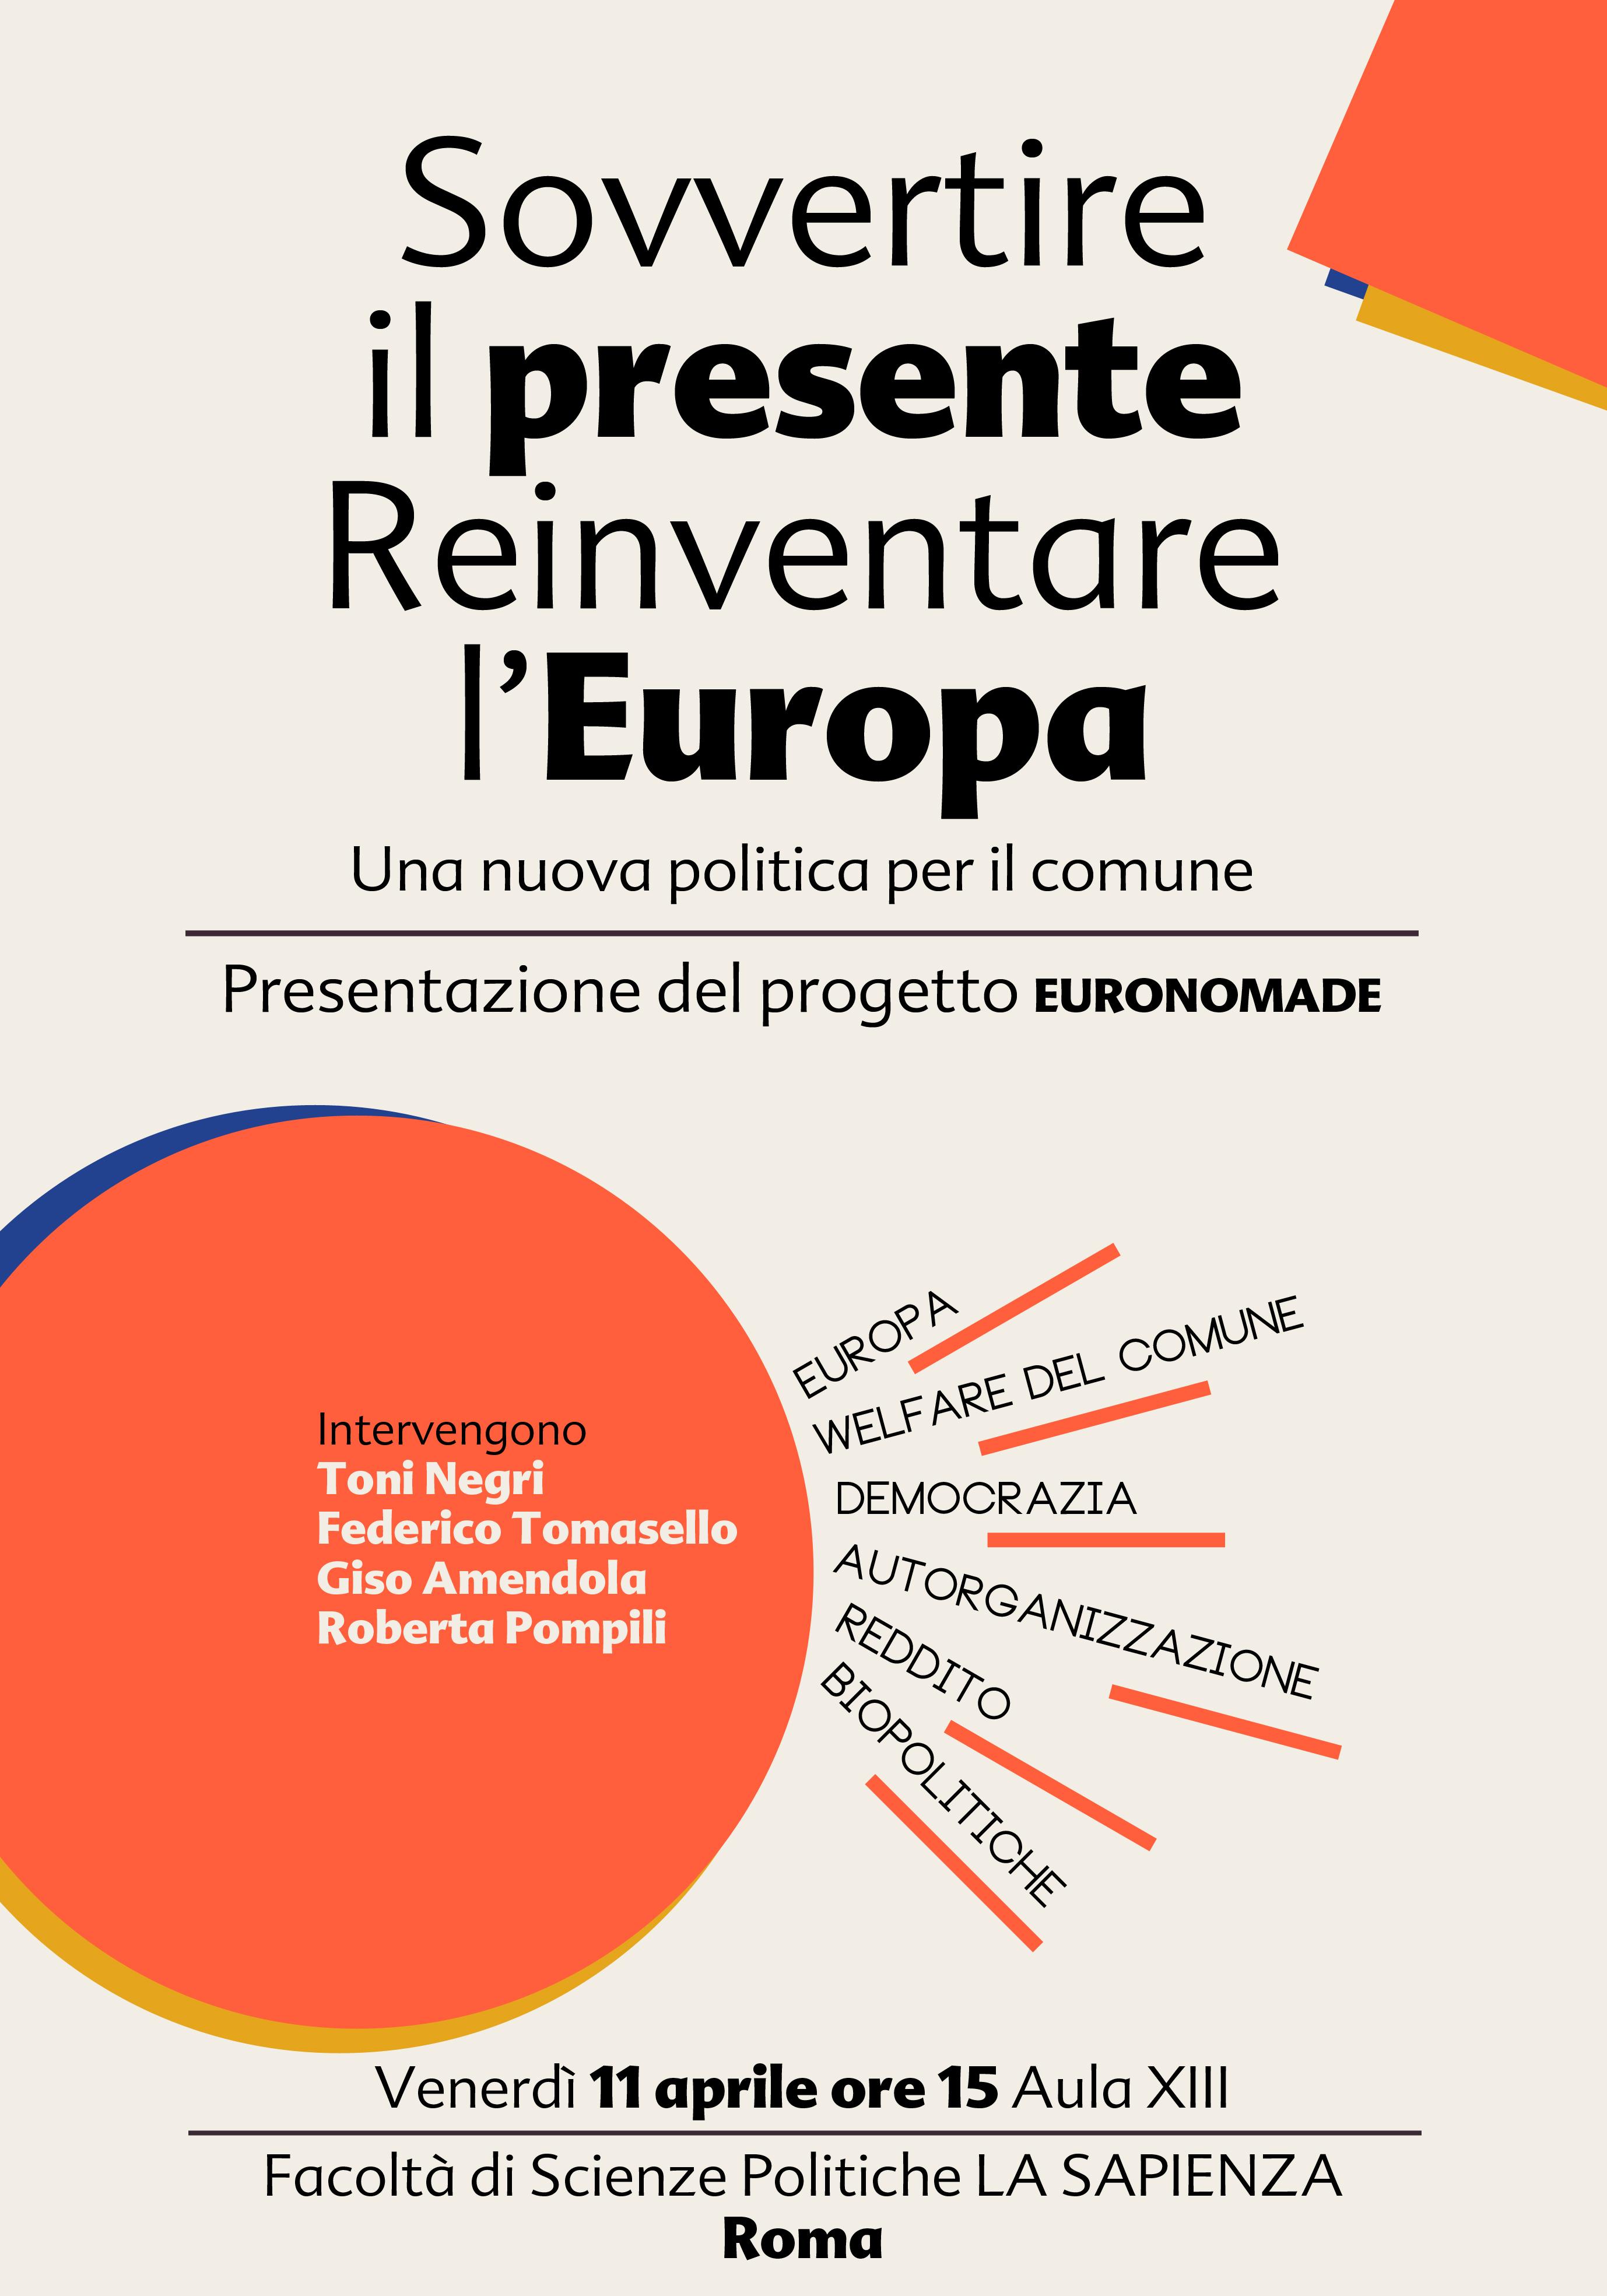 Sovvertire il presente, Reinventare l'Europa – lo streaming